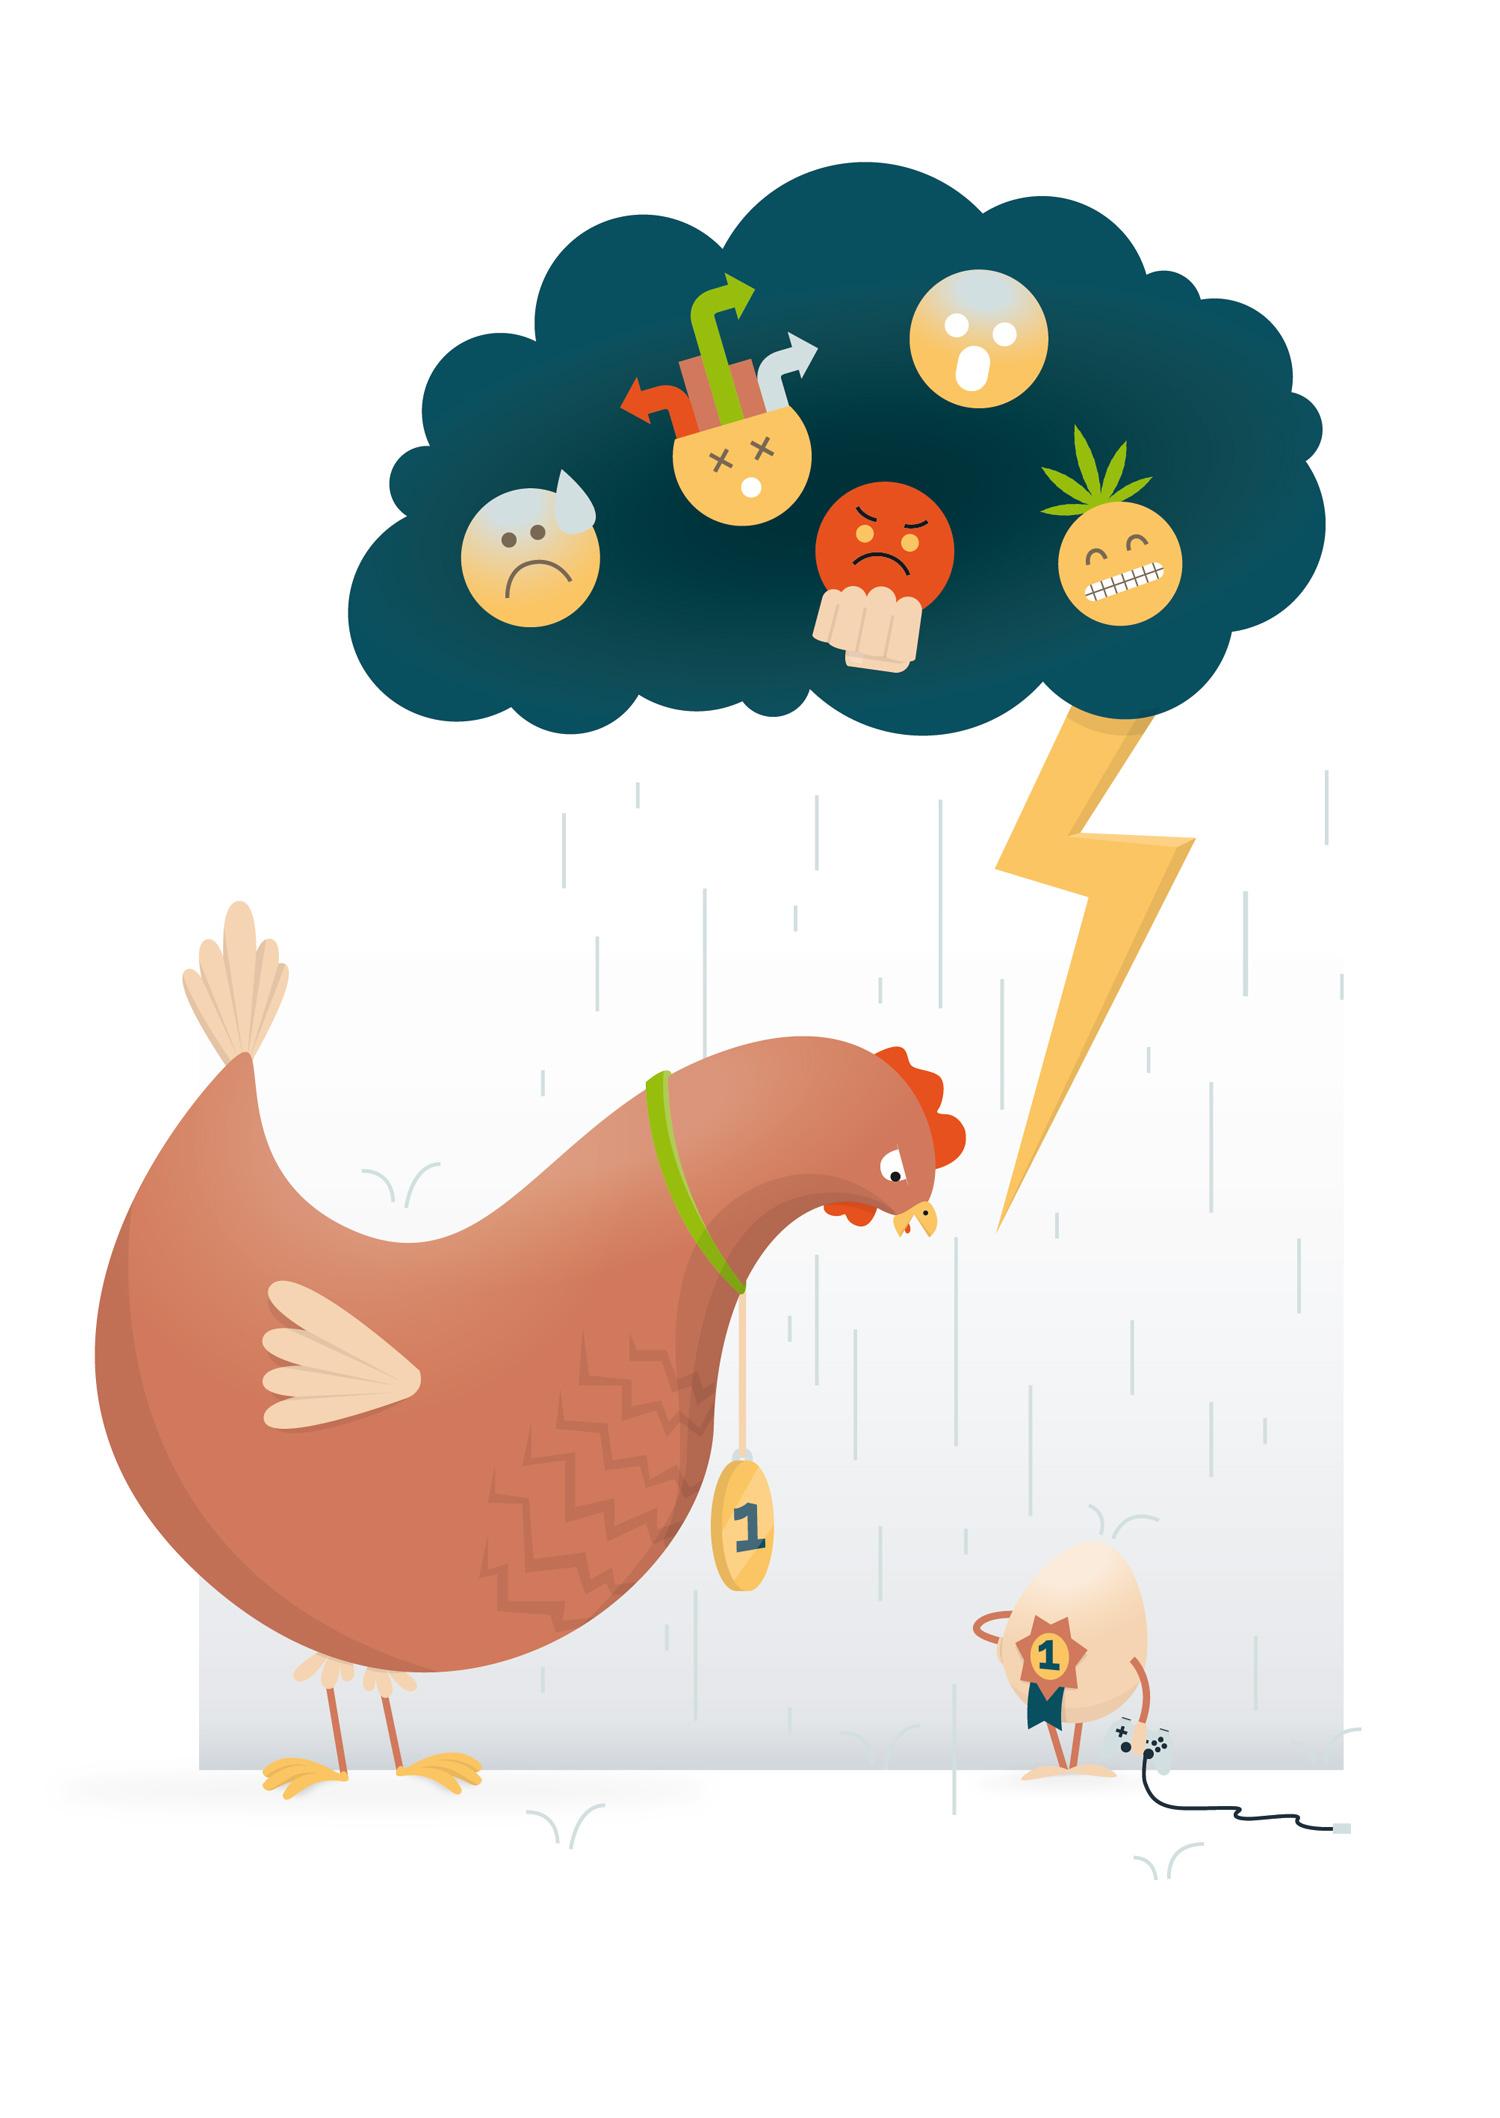 Sachbuch Illustration Ei oder Huhn zu erst - Elisabeth Deim